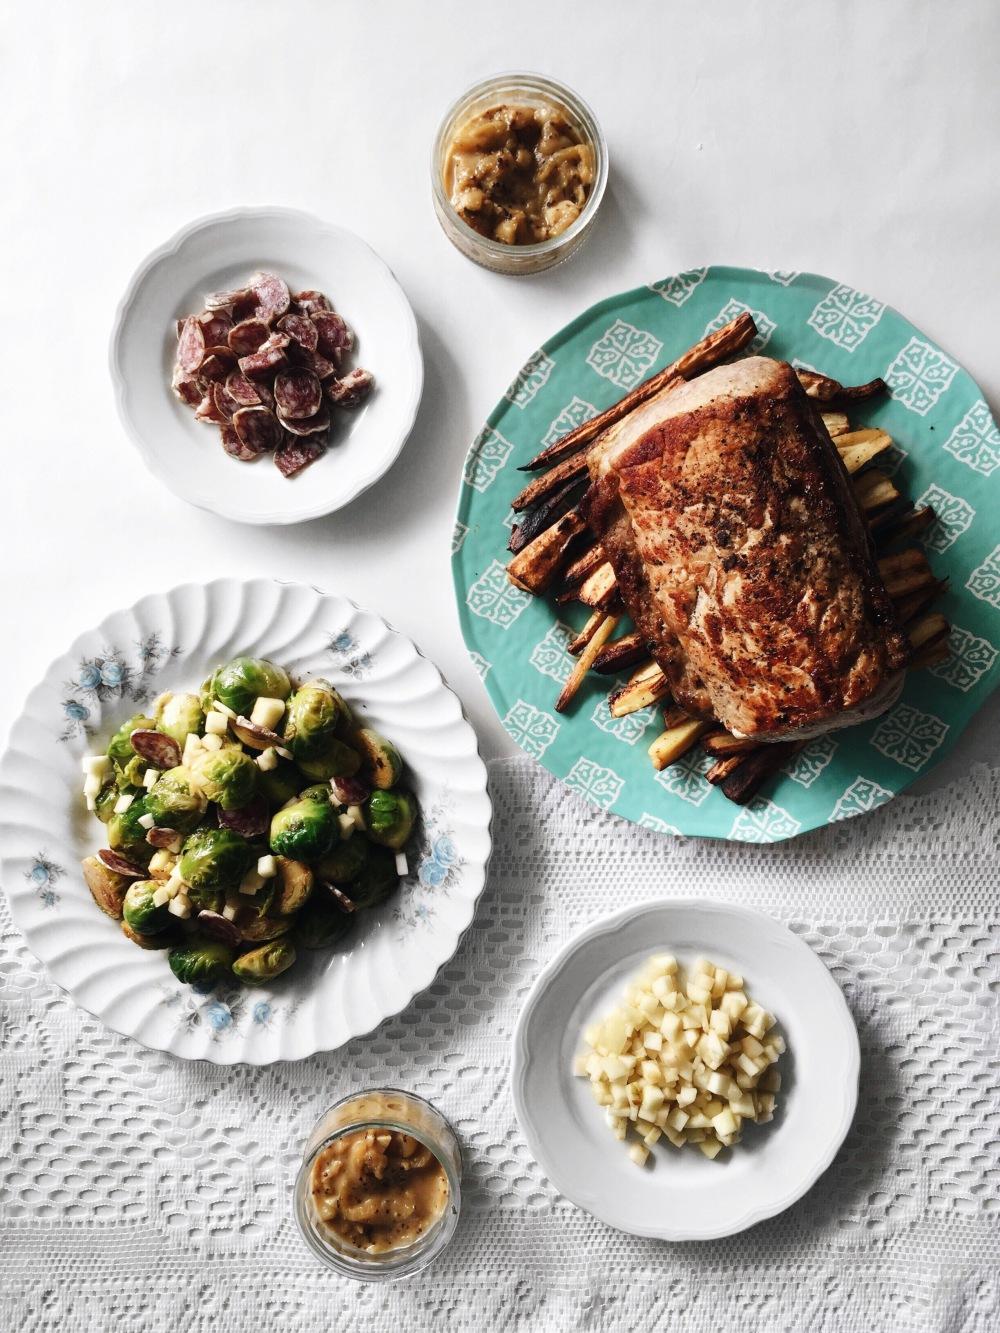 longe de porc aux pommes, frites de panais, choux de bruxelles rôtis au saucisson